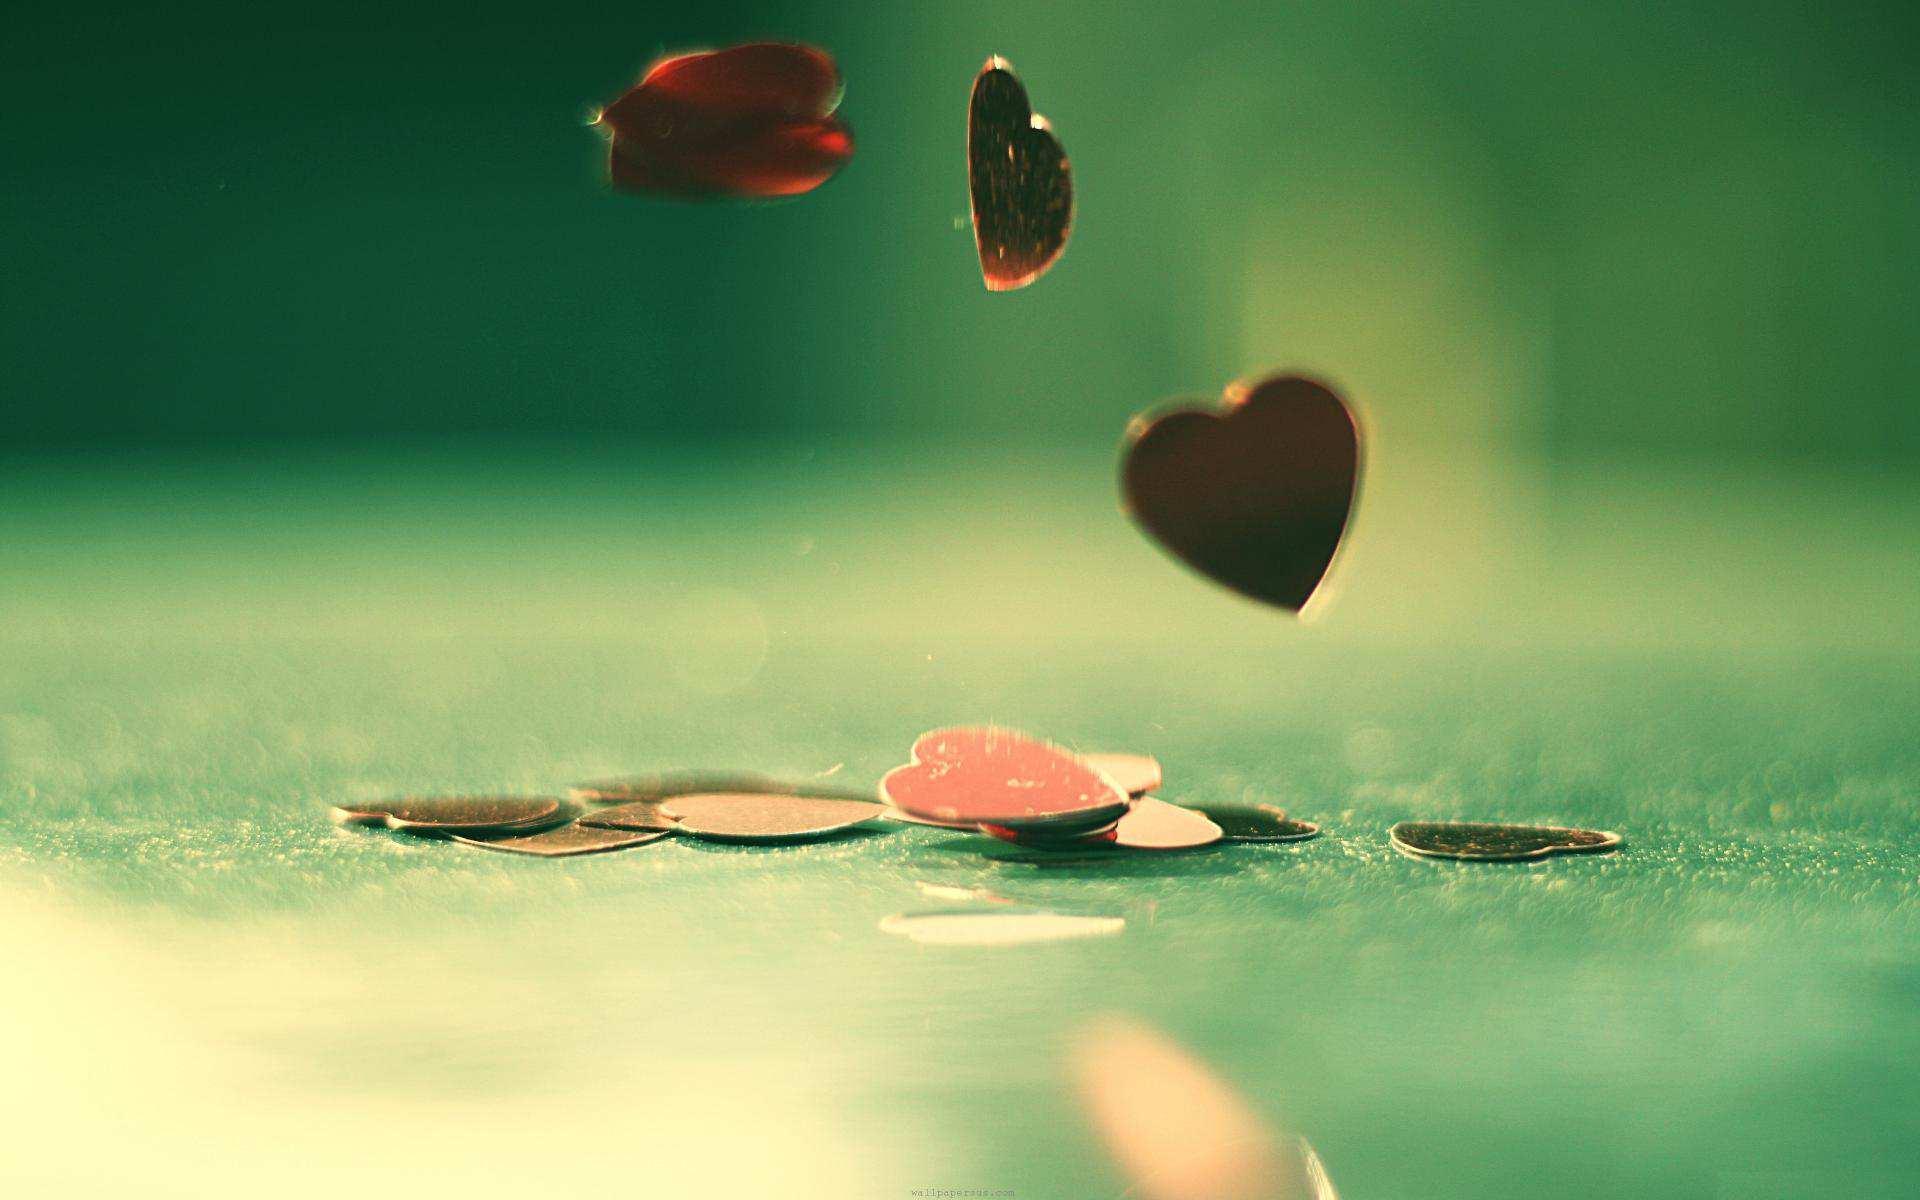 Hình nền máy tính HD trái tim tình yêu đẹp